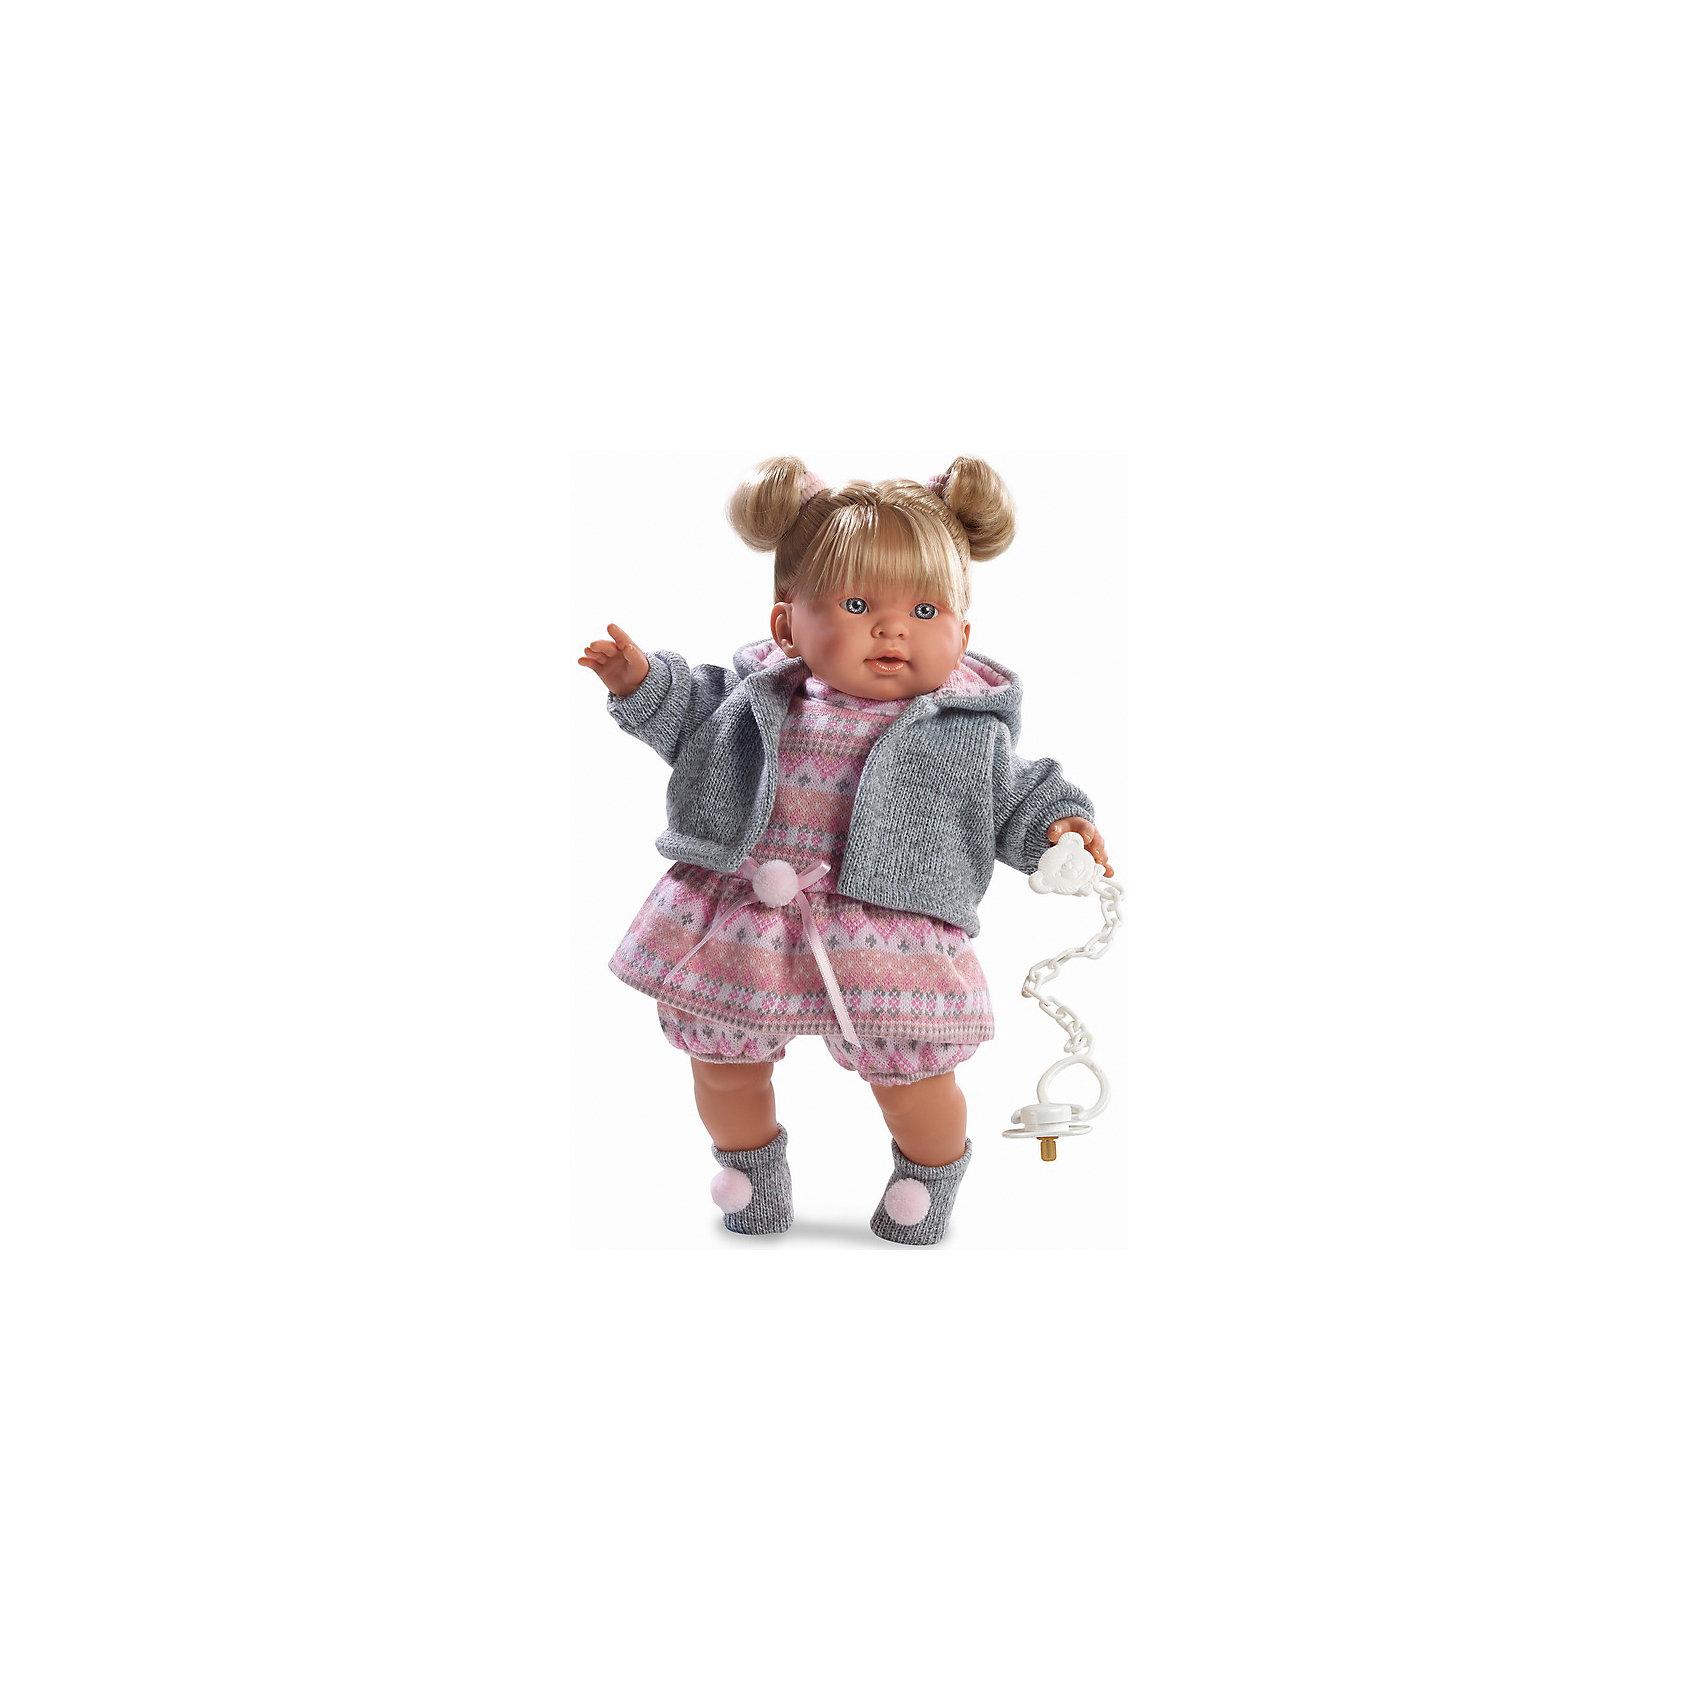 Кукла Тина, 42 см, LlorensКлассические куклы<br>Характеристики:<br><br>• Предназначение: для сюжетно-ролевых игр<br>• Тип куклы: мягконабивная<br>• Пол куклы: девочка <br>• Цвет волос: блондинка<br>• Материал: поливинилхлорид, пластик, нейлон, текстиль<br>• Цвет: розовый, белый, серый<br>• Высота куклы: 42 см<br>• Комплектация: кукла, платье, кофточка с капюшоном, панталончики, носочки, пустышка на цепочке<br>• Вес: 1 кг 360 г<br>• Размеры упаковки (Д*В*Ш): 23*45*12 см<br>• Упаковка: подарочная картонная коробка <br>• Особенности ухода: допускается деликатная стирка без использования красящих и отбеливающих средств предметов одежды куклы<br><br>Кукла Тина 42 см без звука – кукла, производителем которого является всемирно известный испанский кукольный бренд Llorens. Куклы этой торговой марки имеют свою неповторимую внешность и целую линейку образов как пупсов, так и кукол-малышей. Игрушки выполнены из сочетания поливинилхлорида и пластика, что позволяет с высокой долей достоверности воссоздать физиологические и мимические особенности маленьких детей. При изготовлении кукол Llorens используются только сертифицированные материалы, безопасные и не вызывающие аллергических реакций. Волосы у кукол отличаются густотой, шелковистостью и блеском, при расчесывании они не выпадают и не ломаются.<br>Кукла Тина 42 см без звука выполнена в образе малышки: у нее светлые волосы, собранные в два хвостика, и голубые глаза. Комплект осенней одежды Тины состоит из вязаного платьица с пояском и панталончиков, кофточки из меланжевой пряжи с капюшоном и носочков с помпонами. У малышки имеется соска на цепочке-держателе. <br>Кукла Тина 42 см без звука – это идеальный вариант для подарка к различным праздникам и торжествам.<br><br>Куклу Тину 42 см без звука можно купить в нашем интернет-магазине.<br><br>Ширина мм: 23<br>Глубина мм: 45<br>Высота мм: 12<br>Вес г: 1360<br>Возраст от месяцев: 36<br>Возраст до месяцев: 84<br>Пол: Женский<br>Возраст: Детский<br>SKU: 5086919